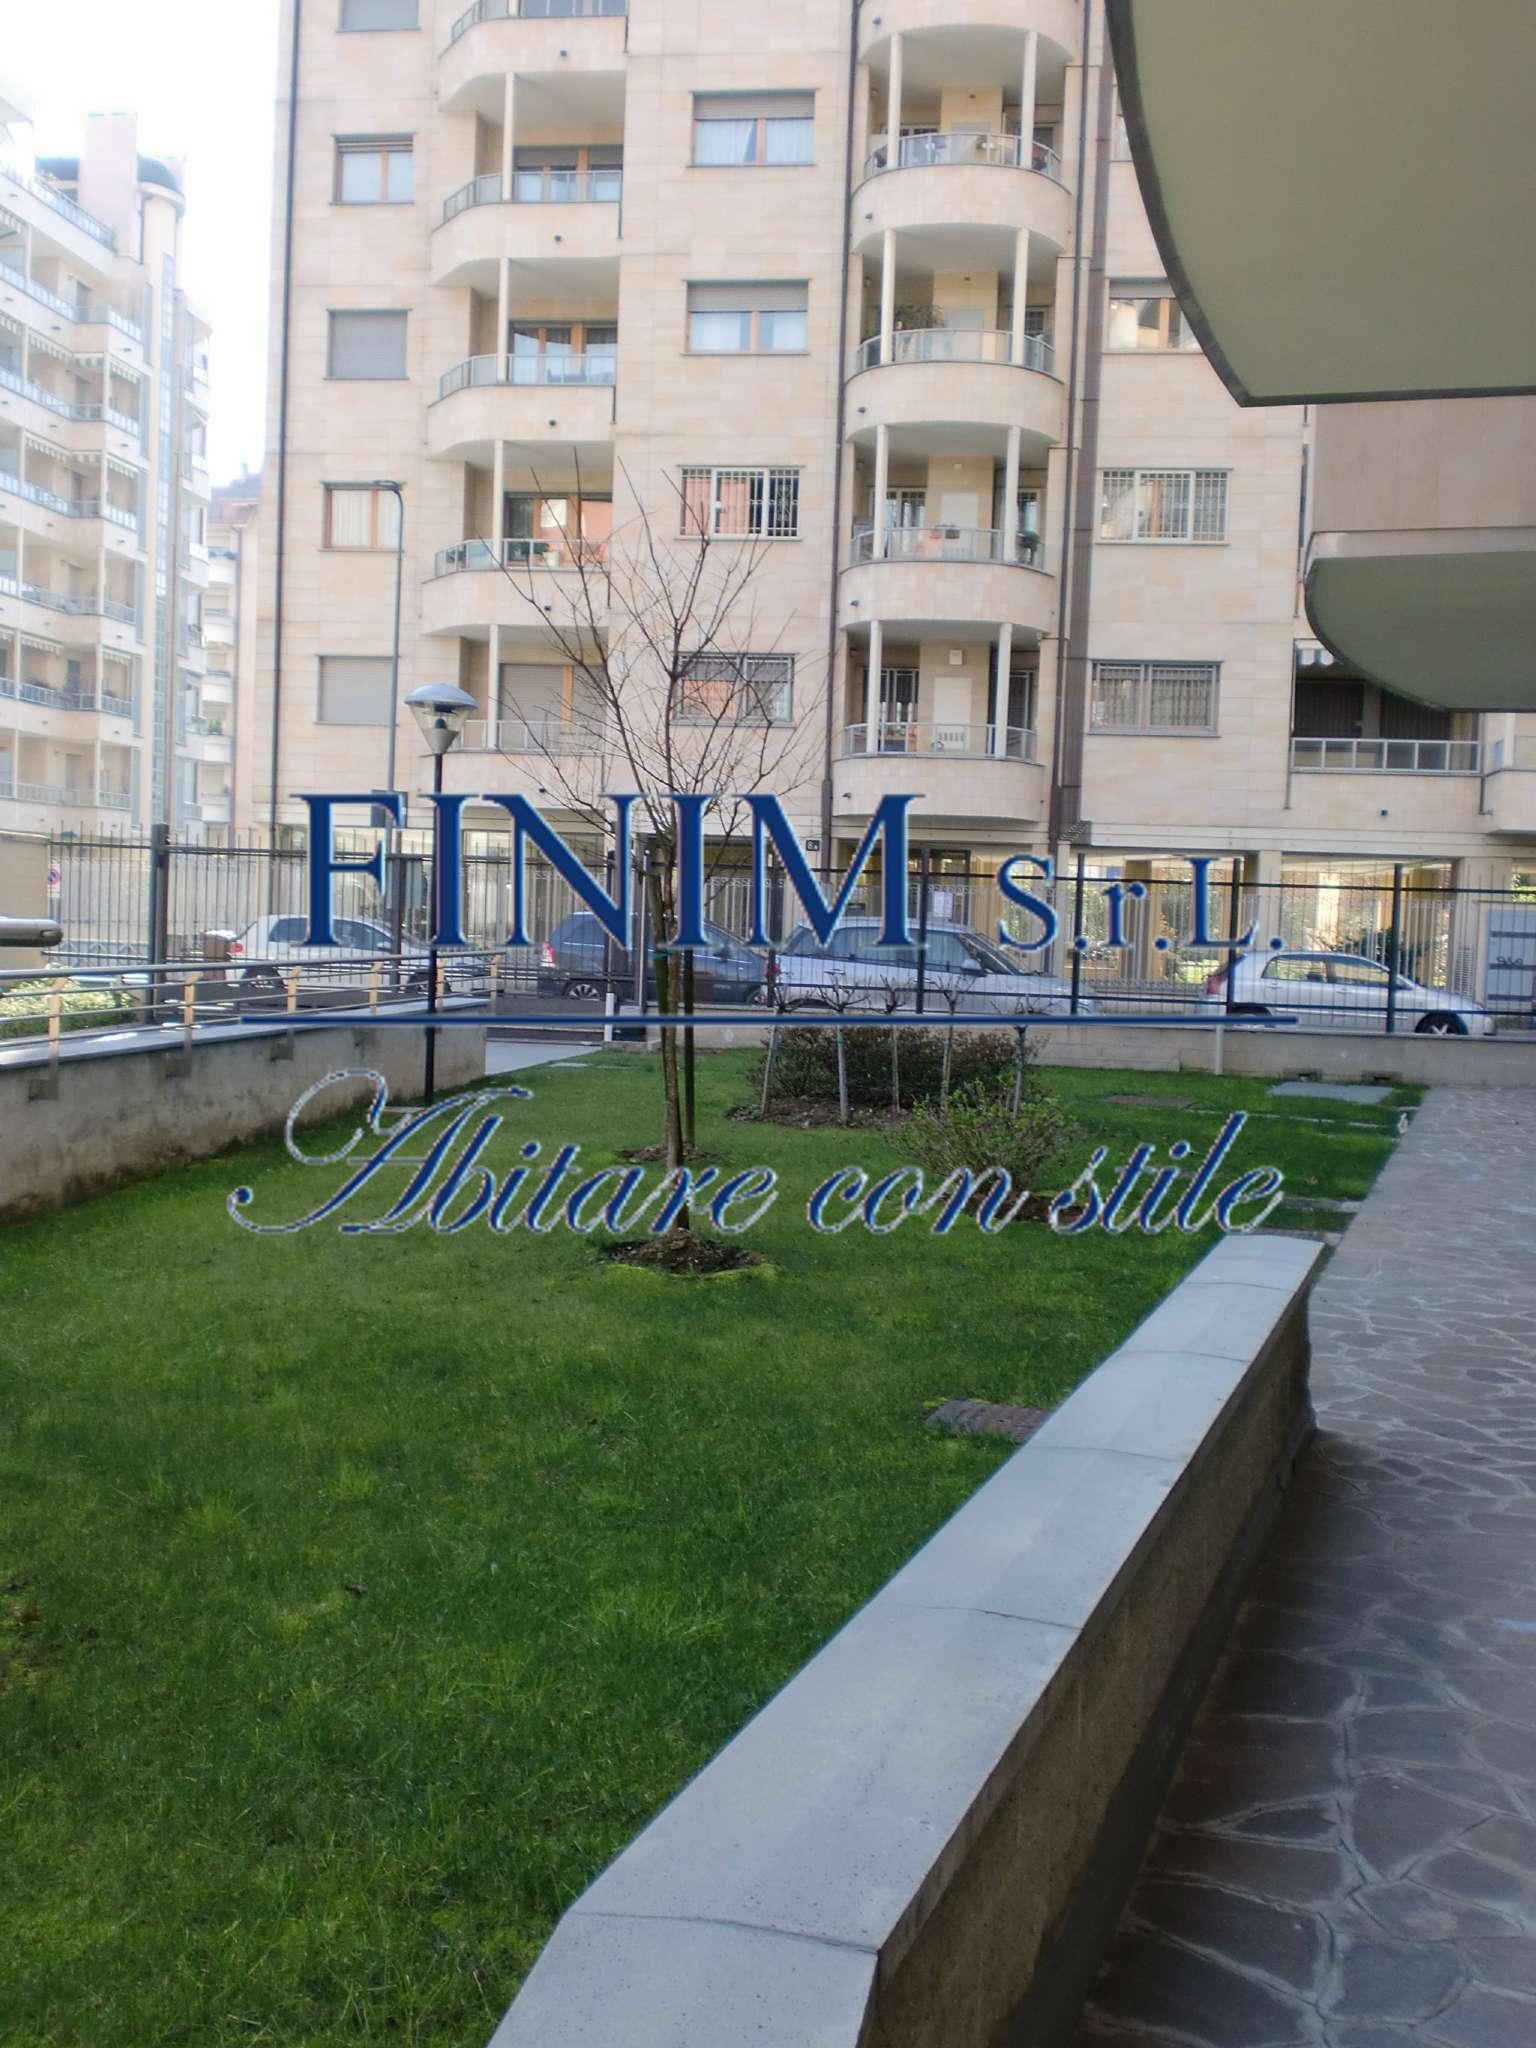 Appartamento in Vendita a Milano 30 Niguarda / Bovisasca / Testi / Bruzzano / Affori / Comasina: 3 locali, 130 mq